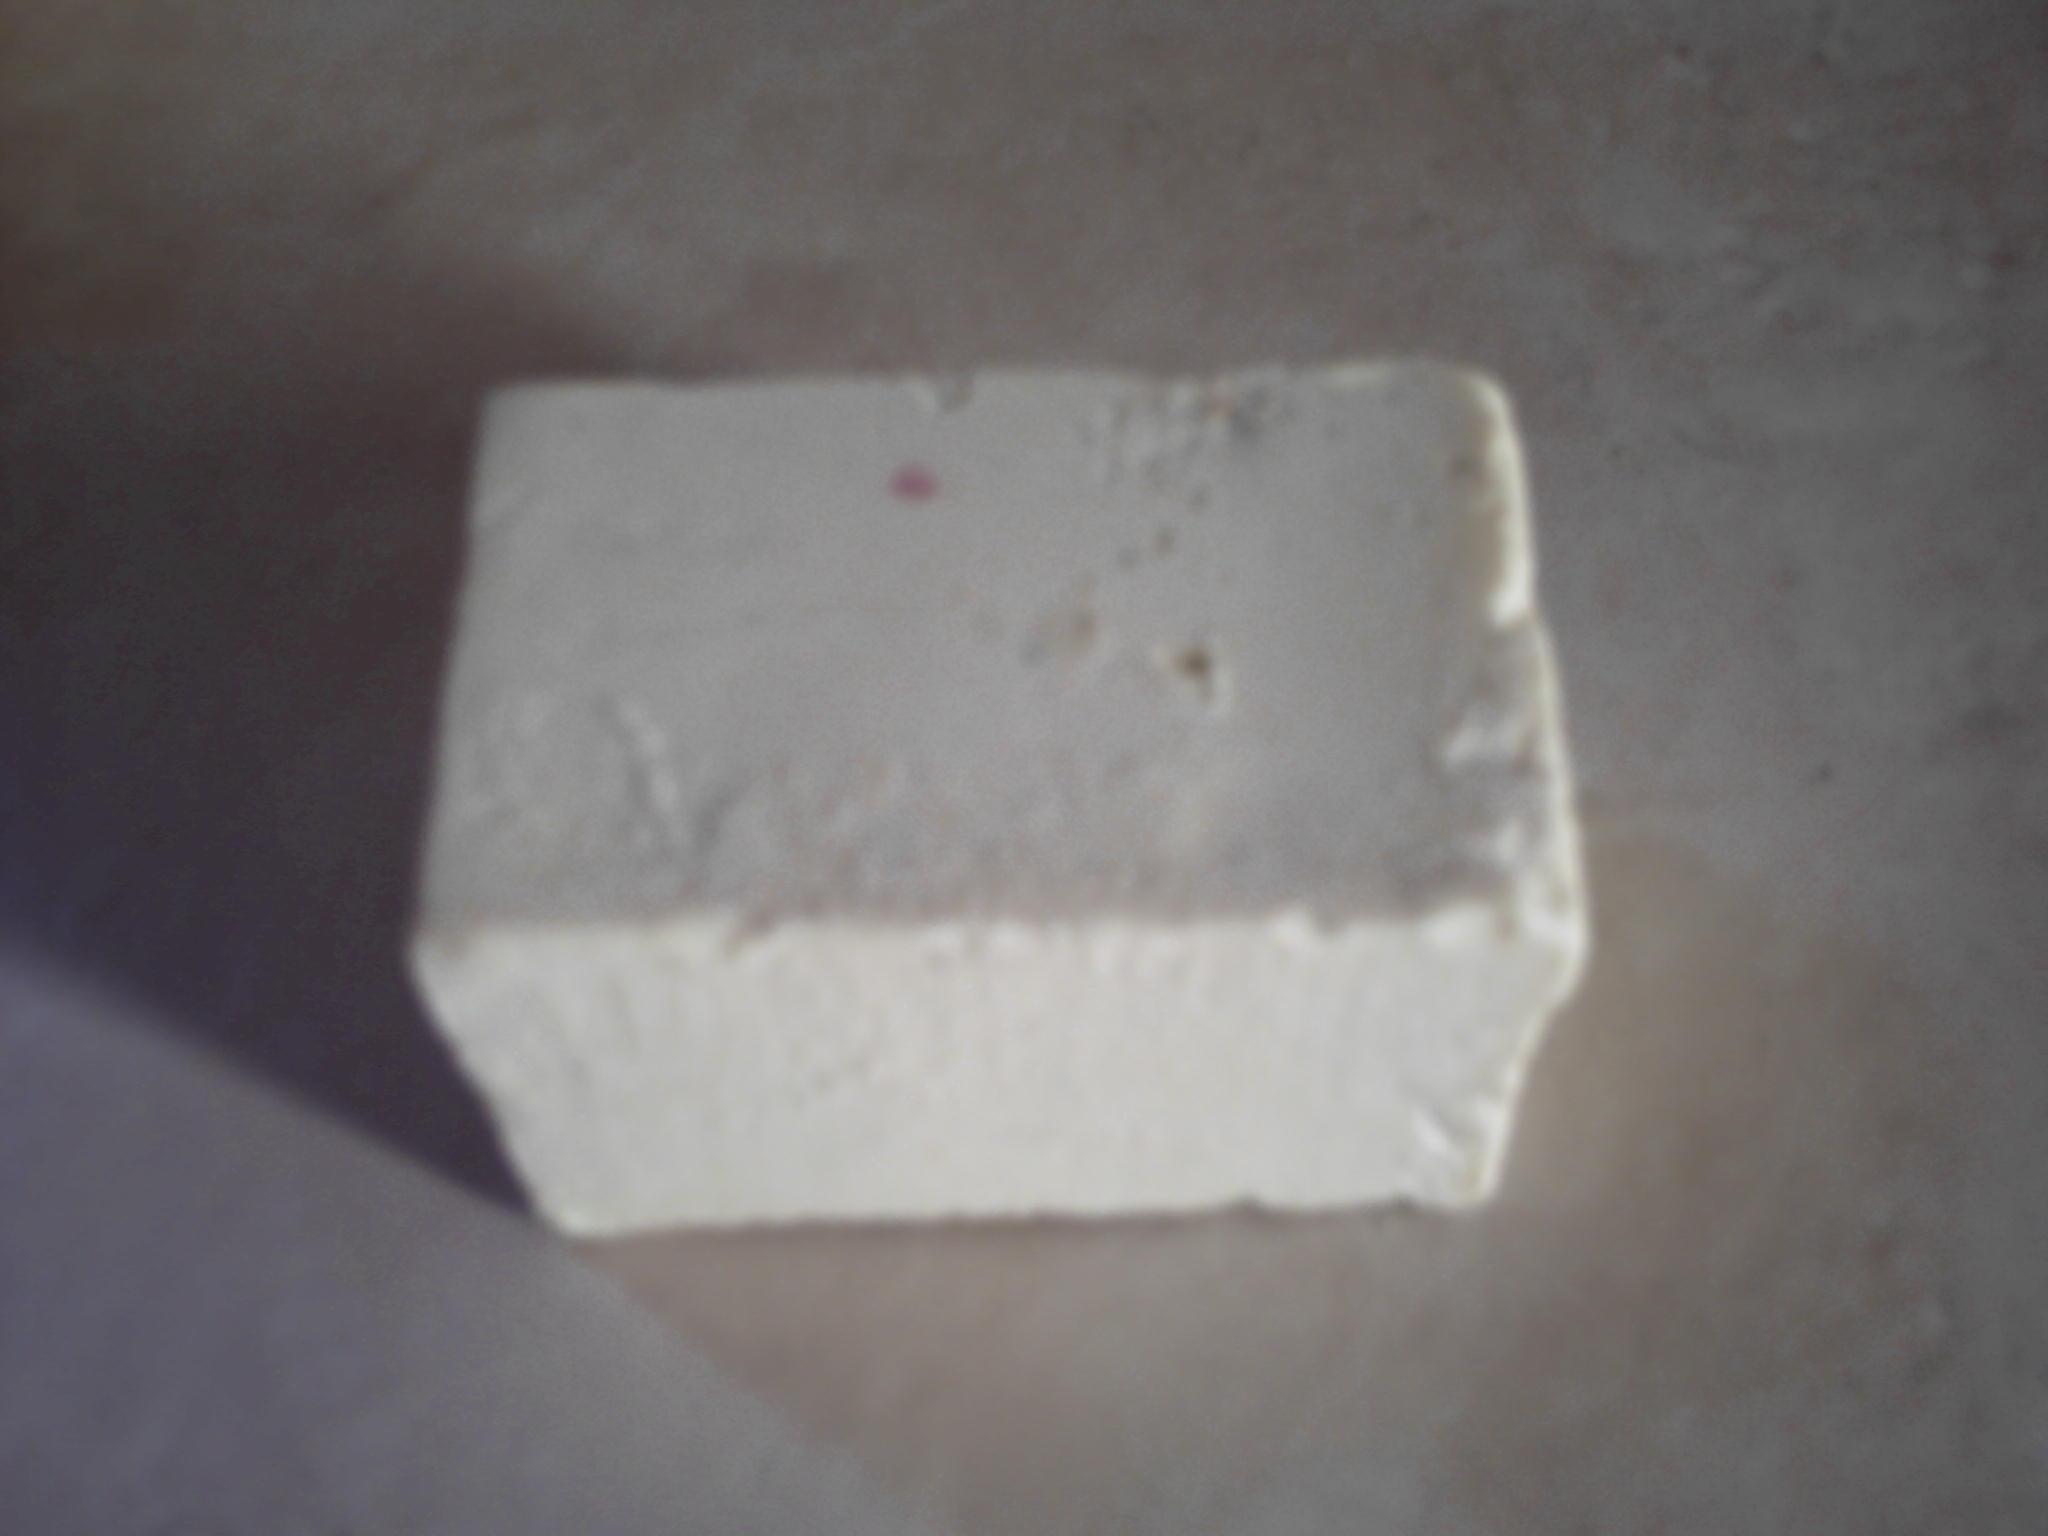 Após todo o processo de confecção e corte anteriormente descritos, foram obtidas 2047 pedras de sabão, cujo formato e aspecto físico podem ser vistos na Figura 4